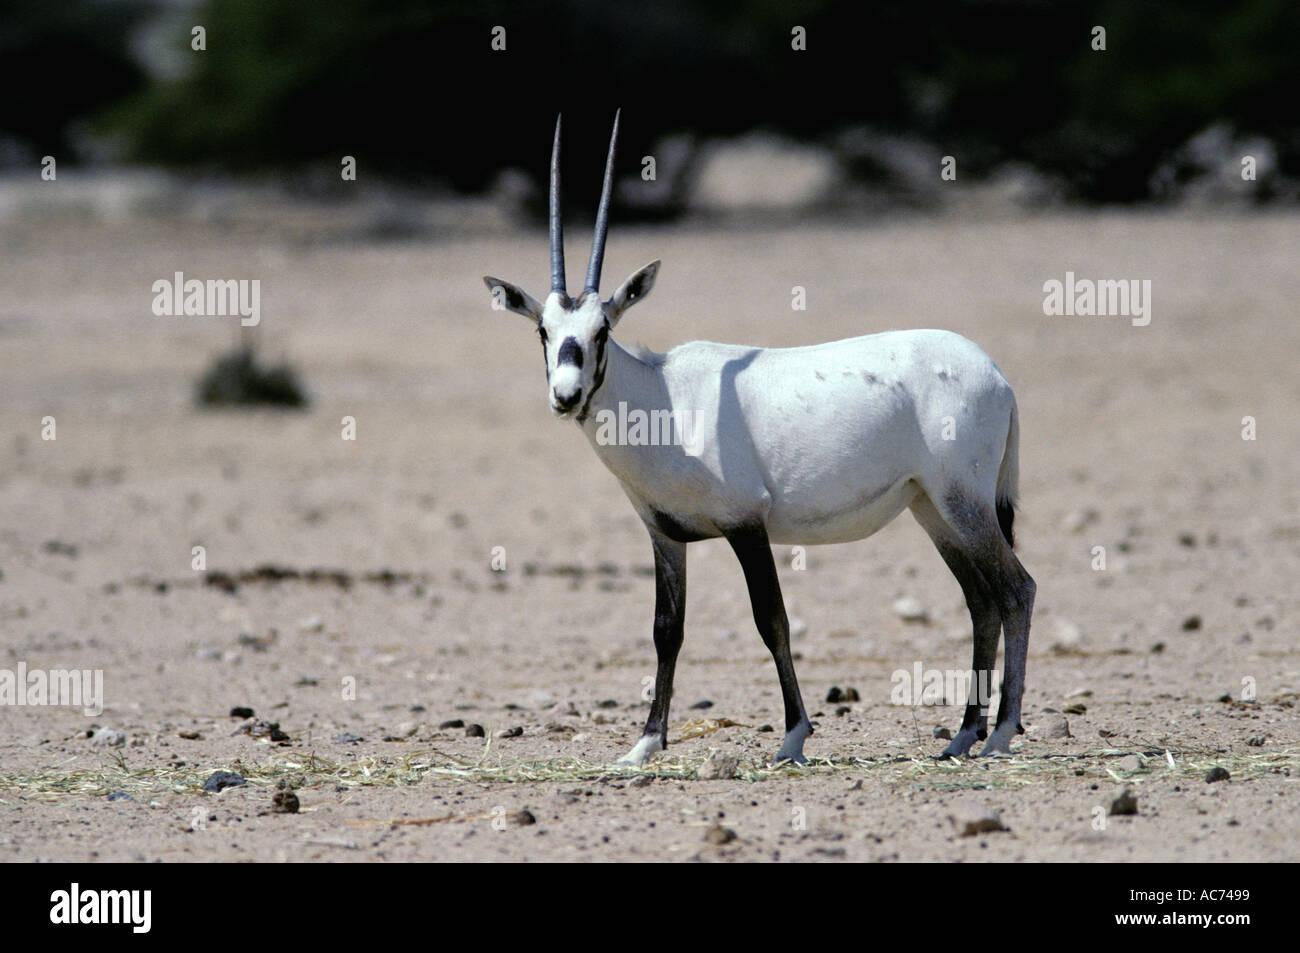 arabian-oryx-oryx-leucoryx-AC7499.jpg